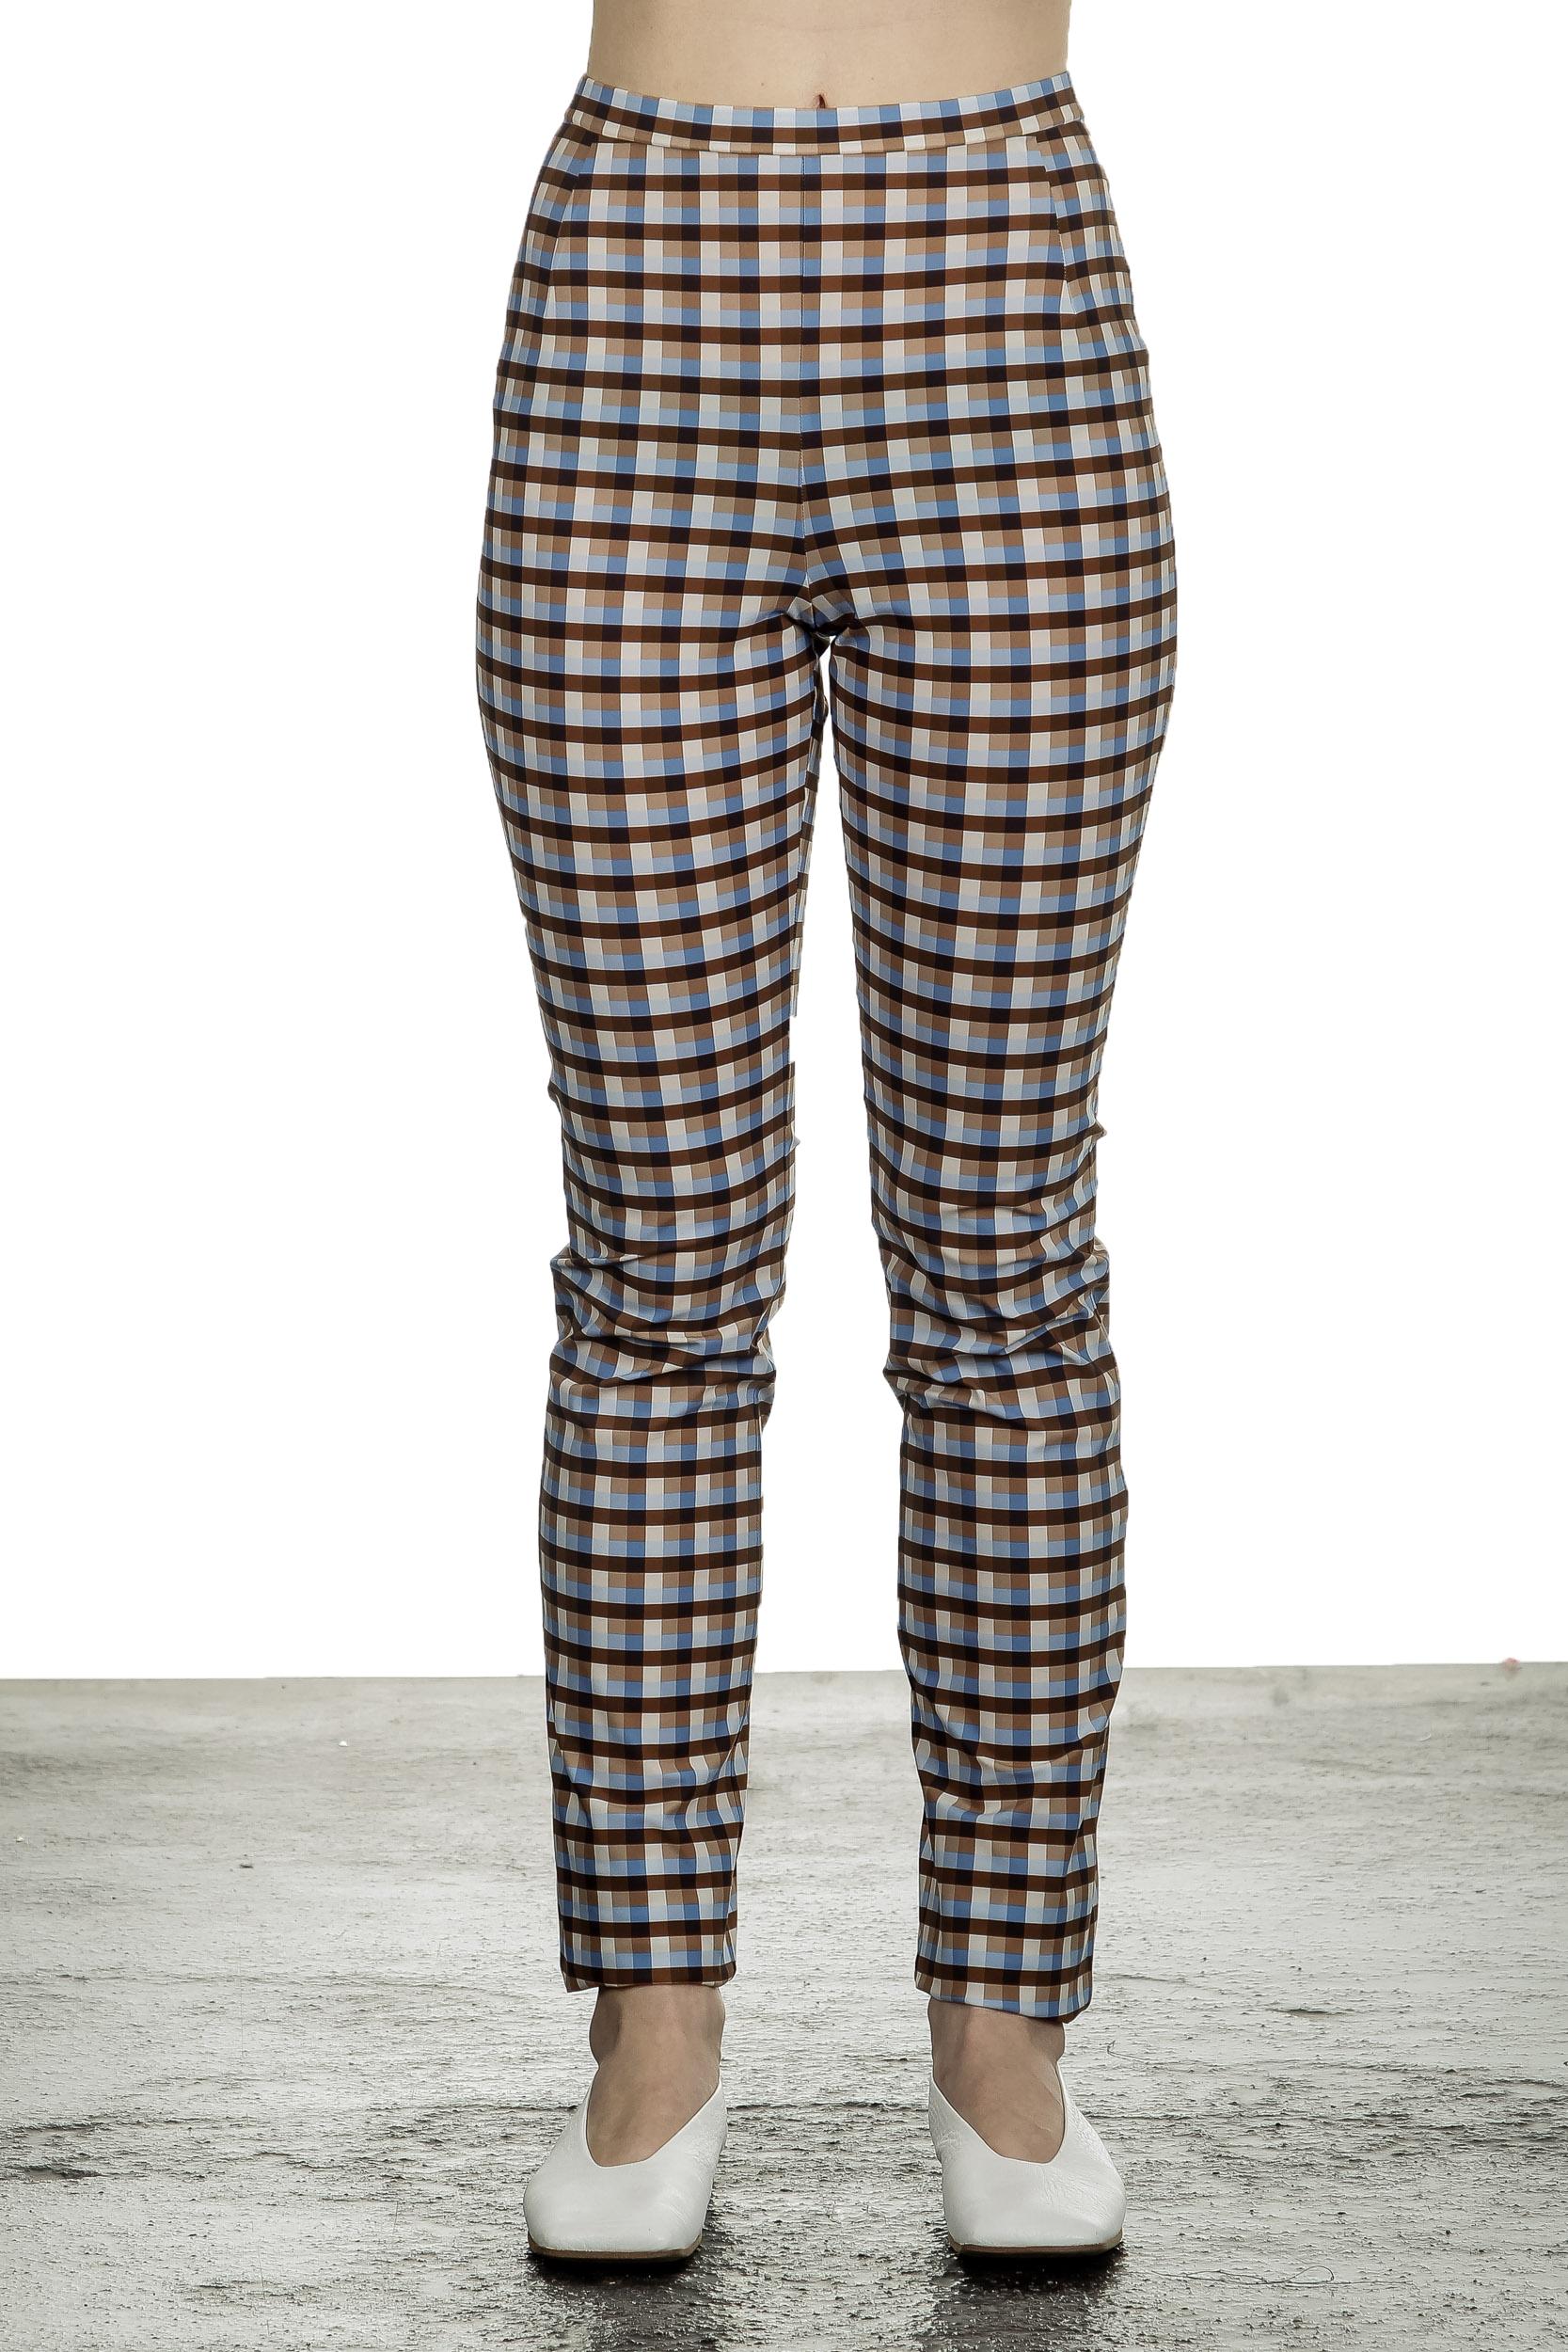 Hosen - Schella Kann 2 Damen Hose mit Print mehrfarbig  - Onlineshop Luxury Loft